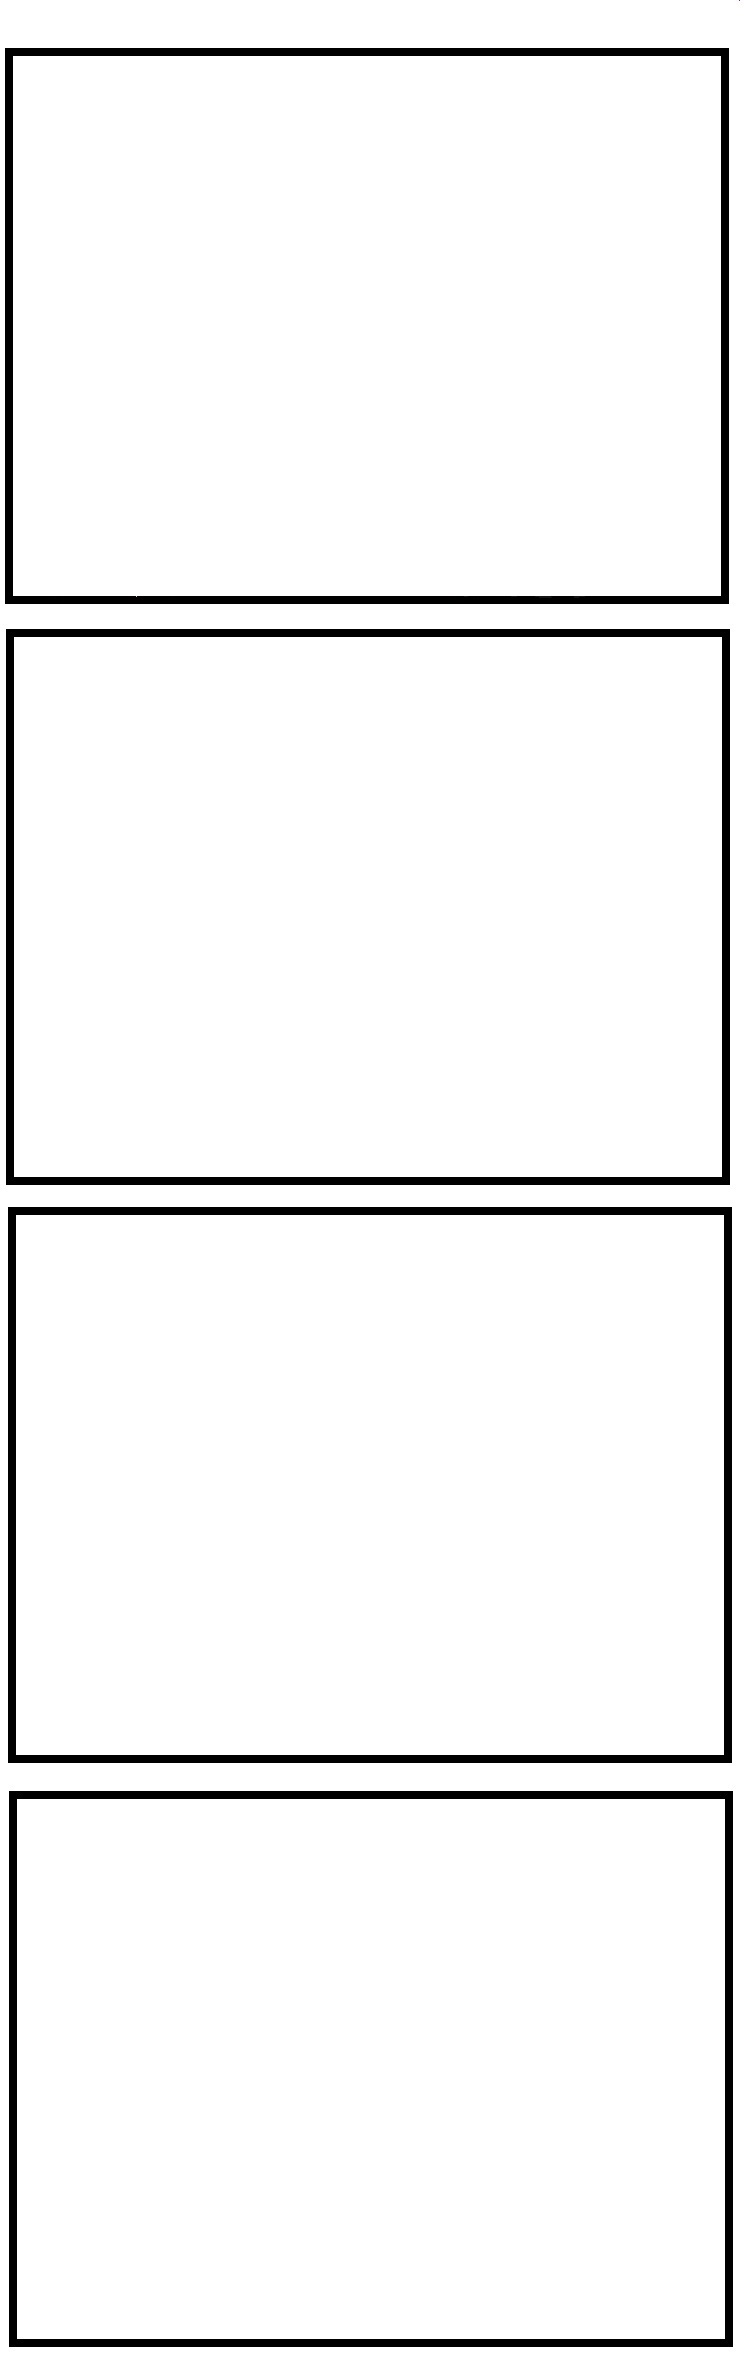 Erinrocks122 311 60 4 Panel Comic Base By IWiseOne